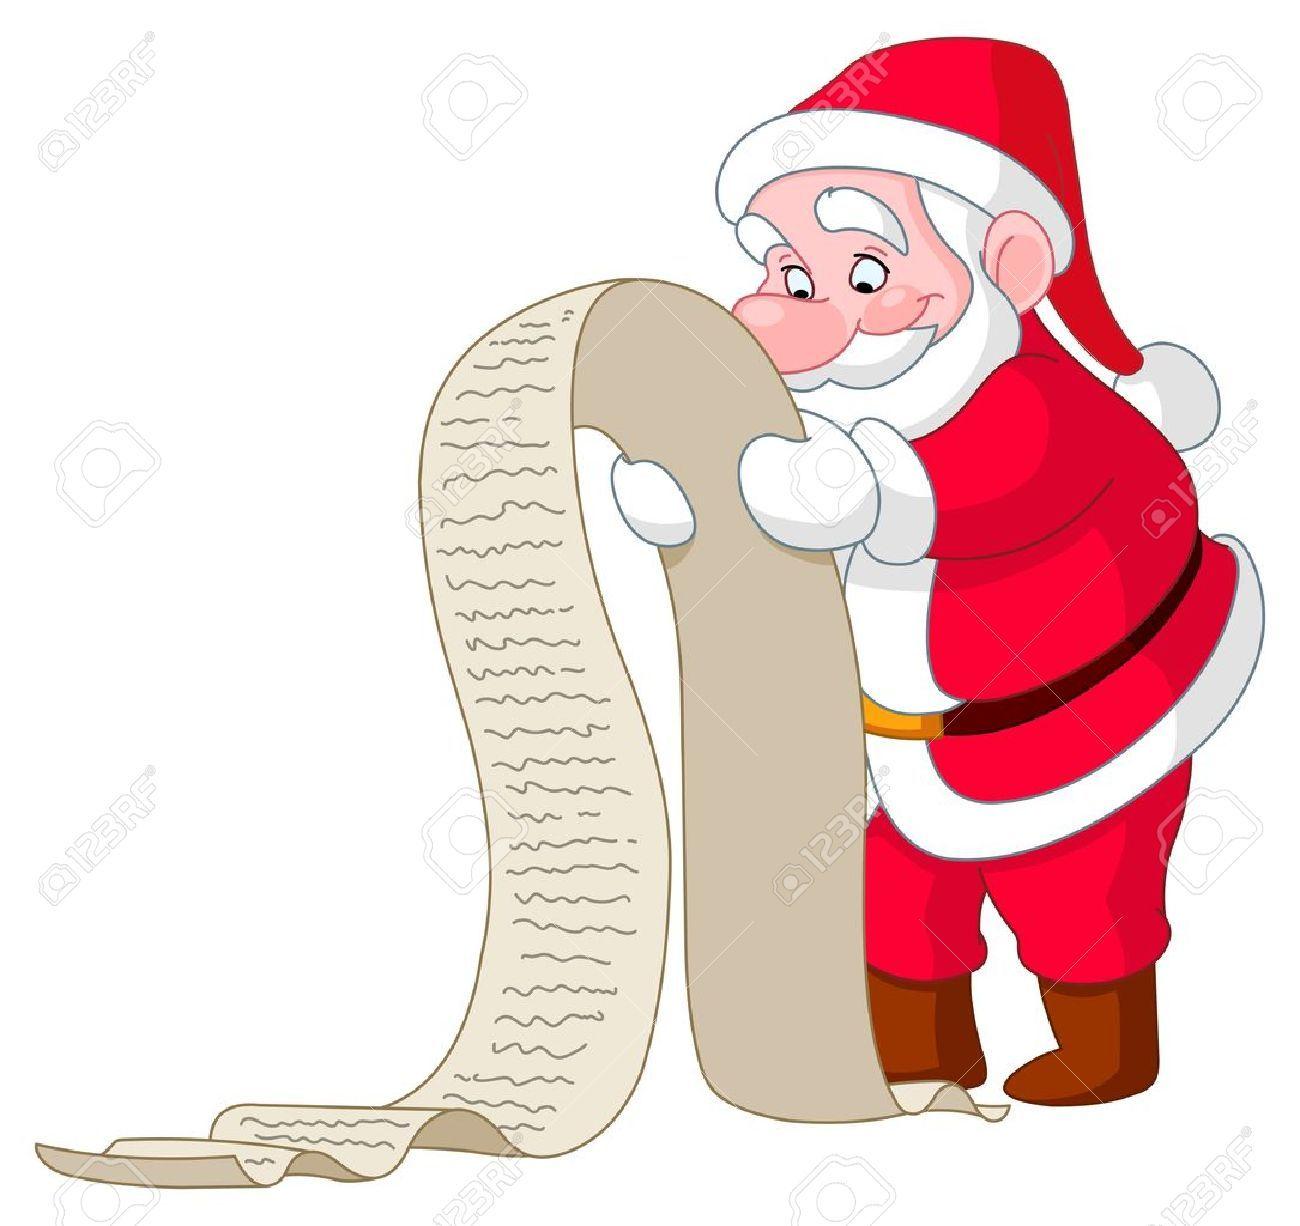 Santa checking his list clipart 4 » Clipart Portal.